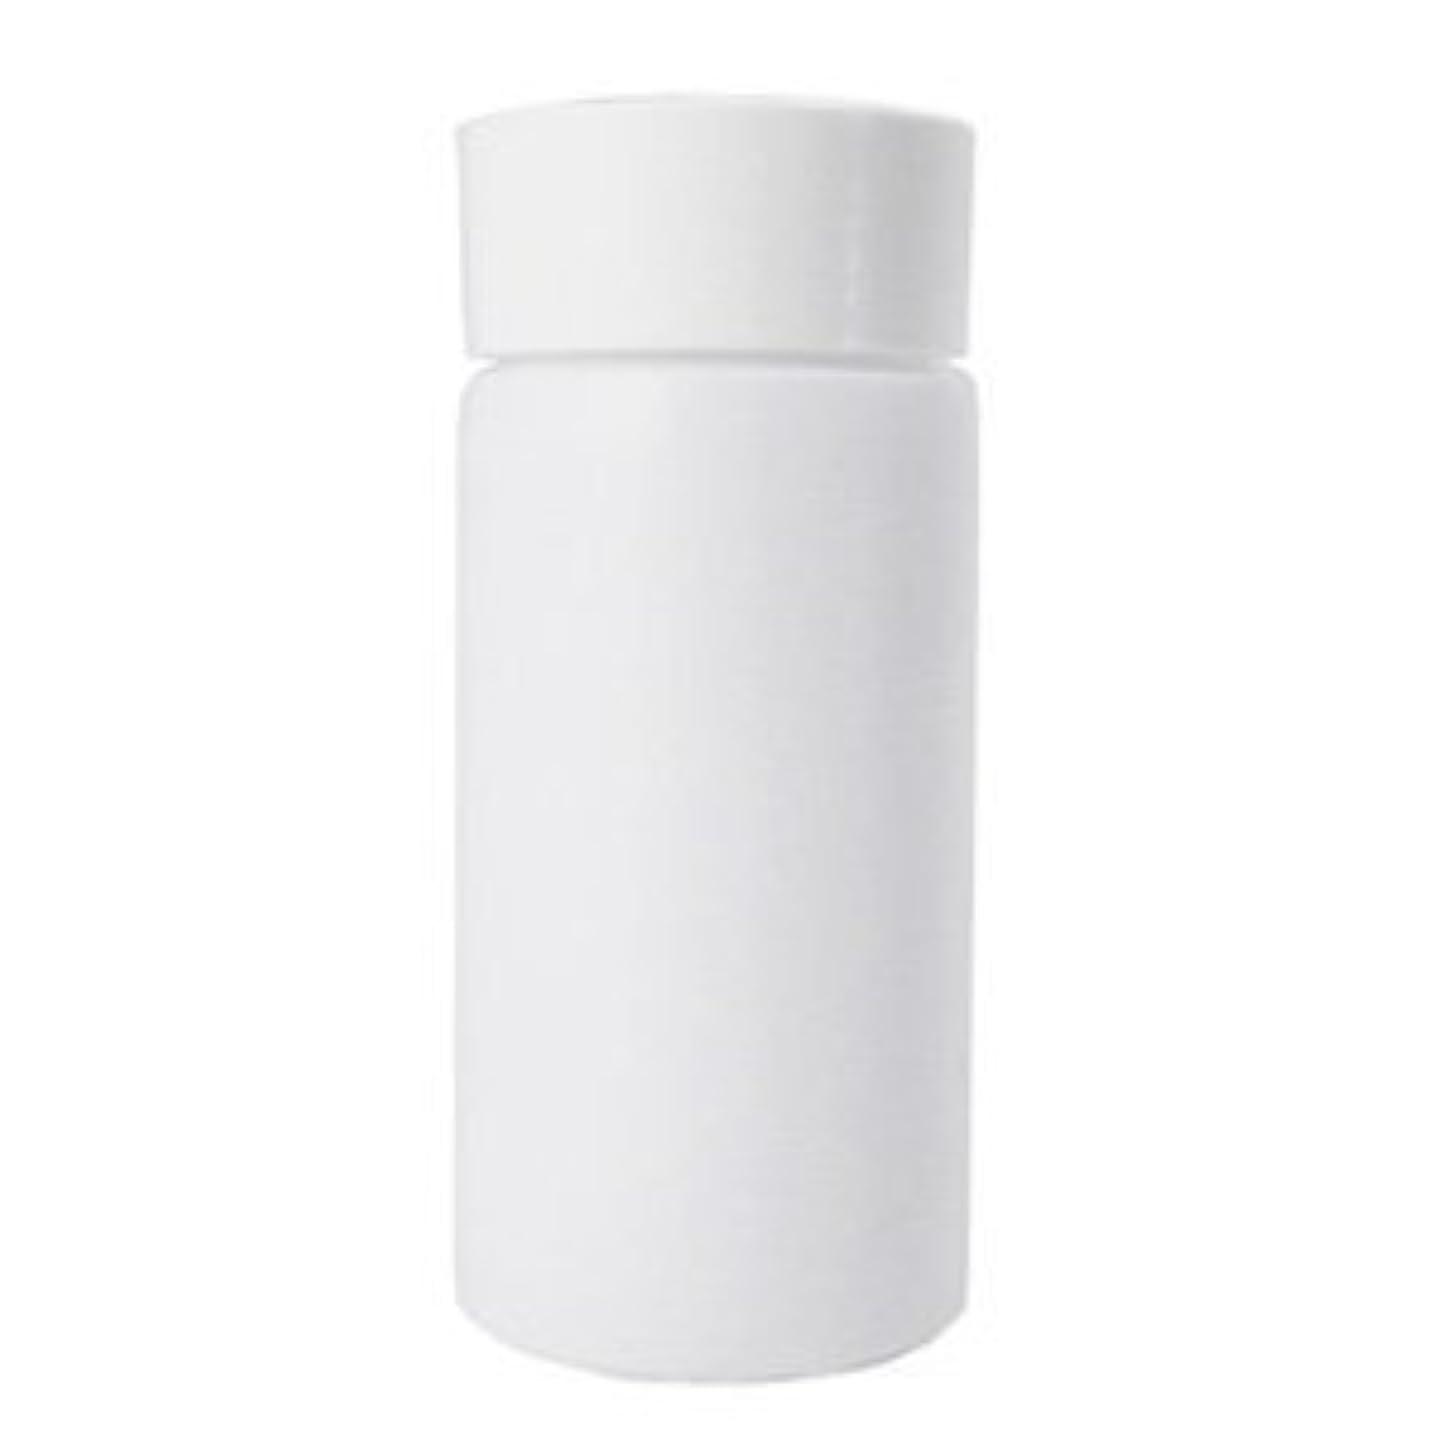 送信する自明送信するパウダー用ボトル容器 154ml 材質 HDPE EVOH